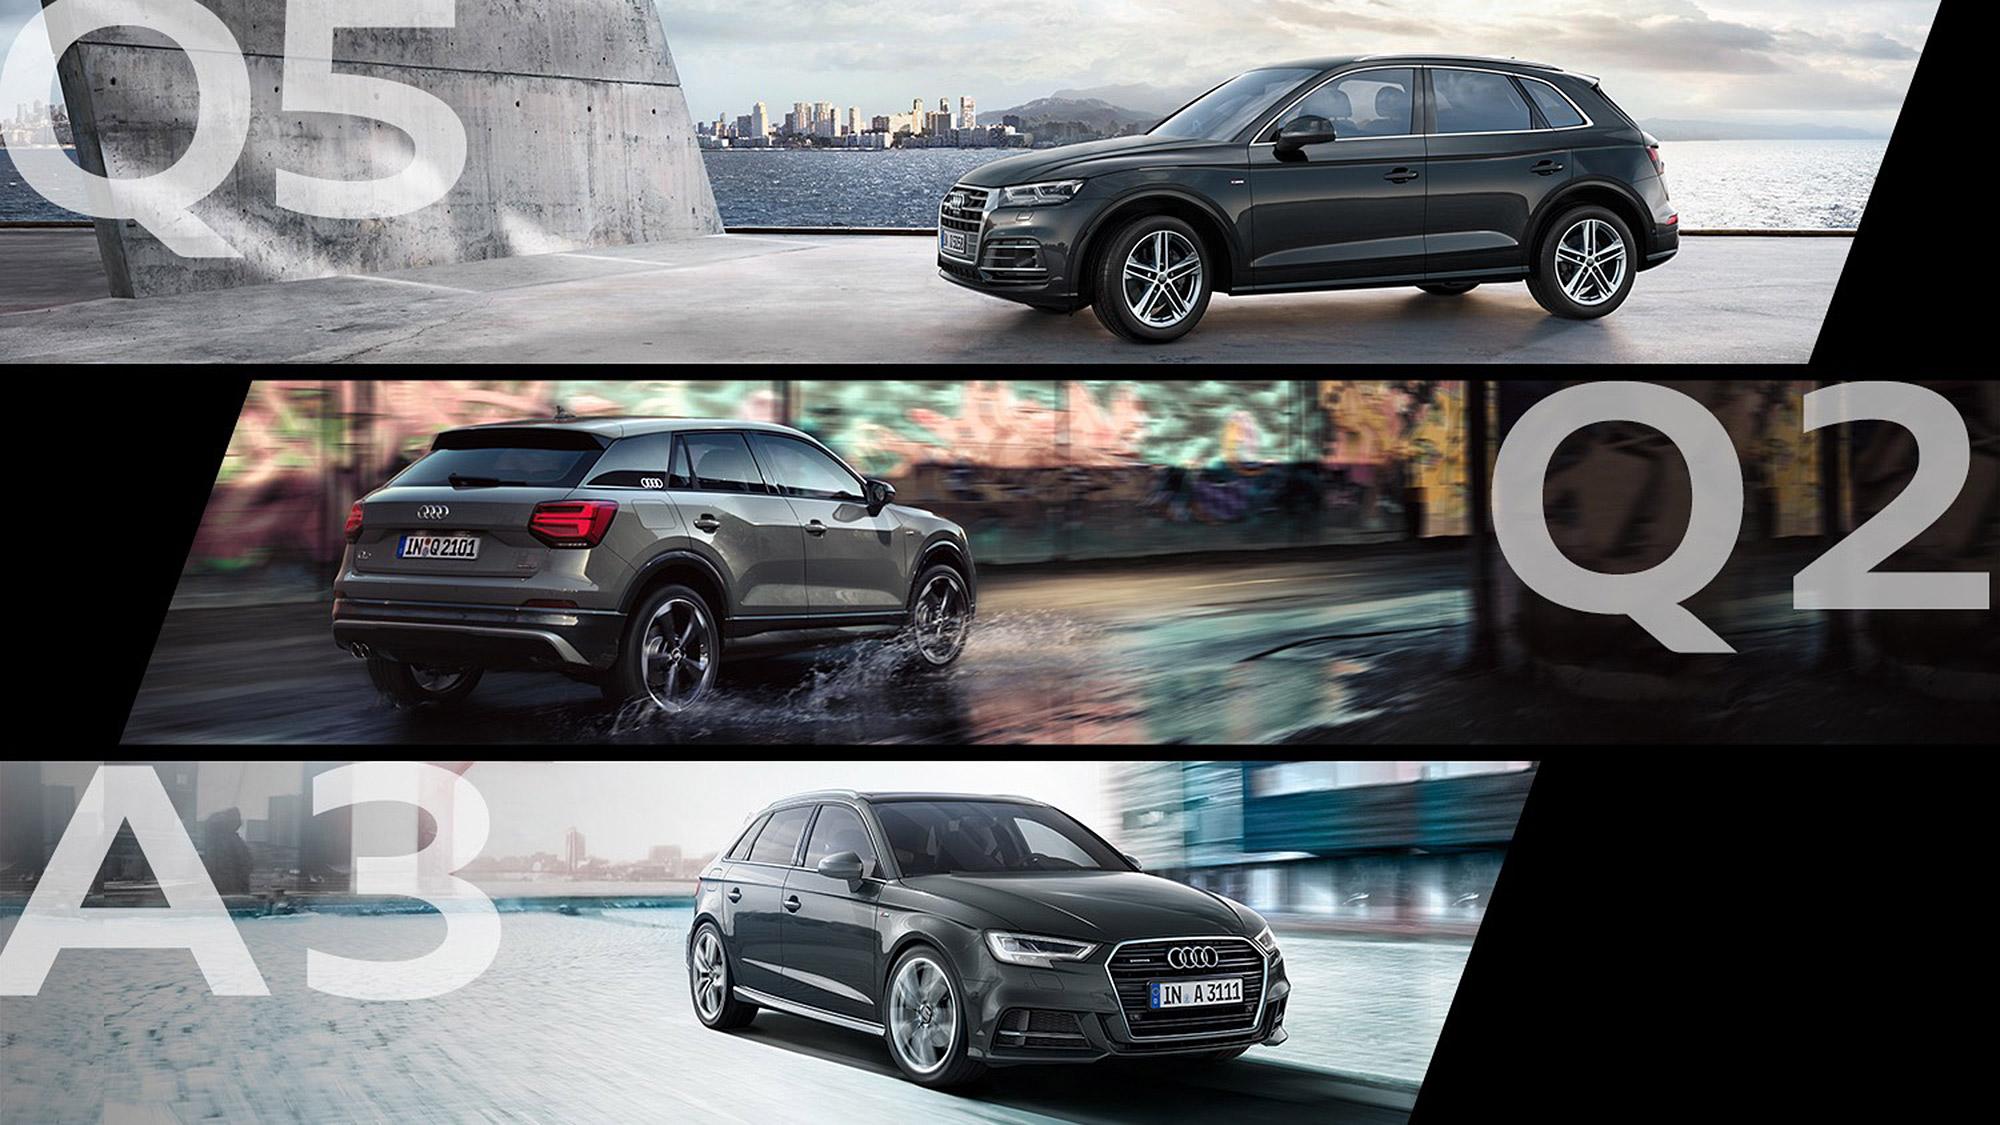 你想要的 Audi 一次都給你, Q5 | Q2 | A3 Sportback S line 限量特惠有個性又超值